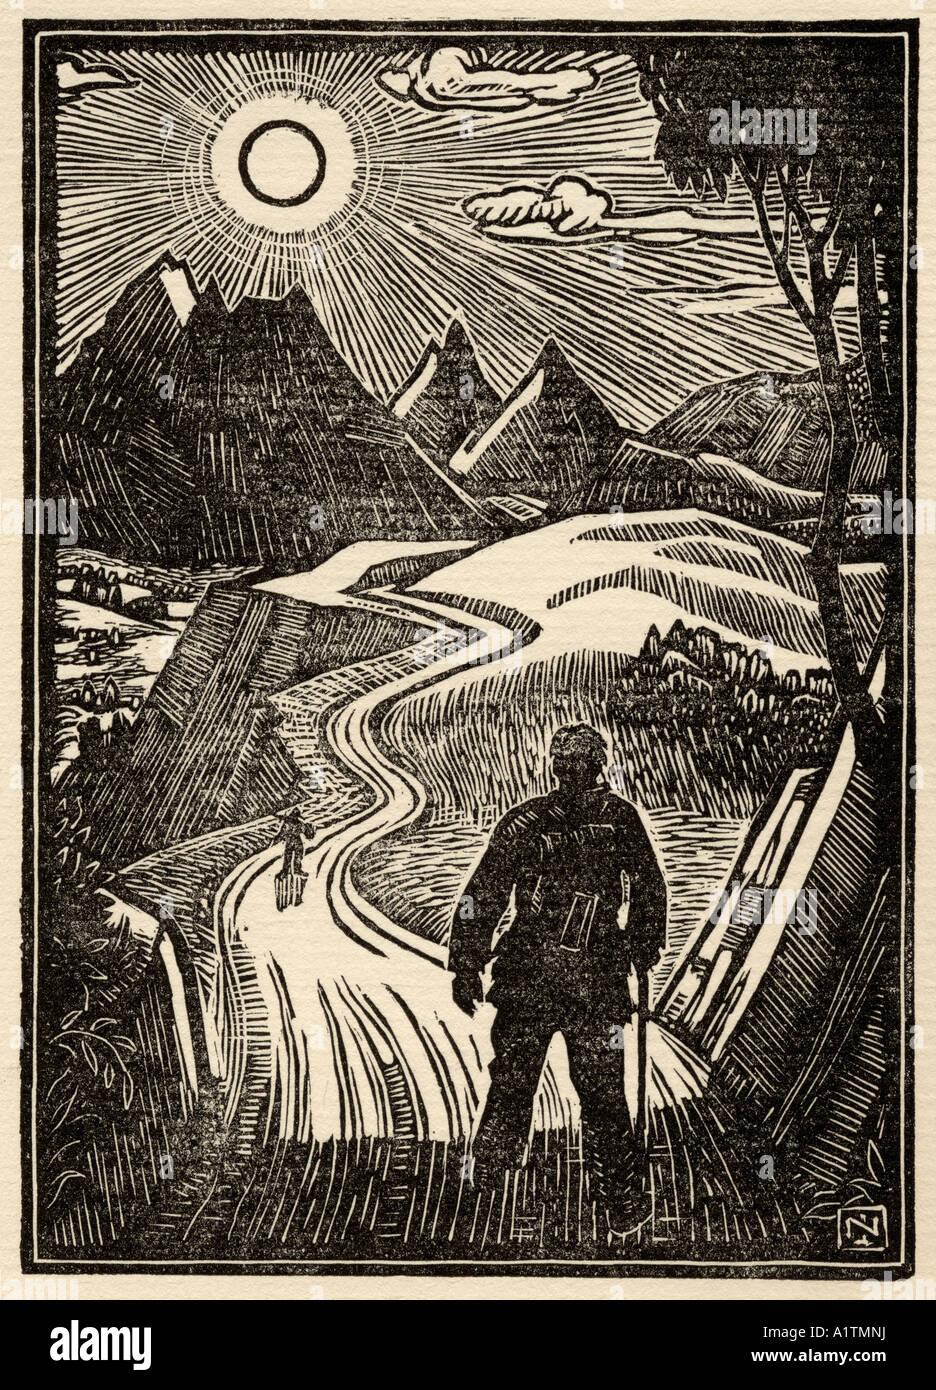 Holzschnitt-Frontispiz von Norman James aus dem Buch die sanfte Kunst der Tramping von Stephen Graham veröffentlicht Stockbild